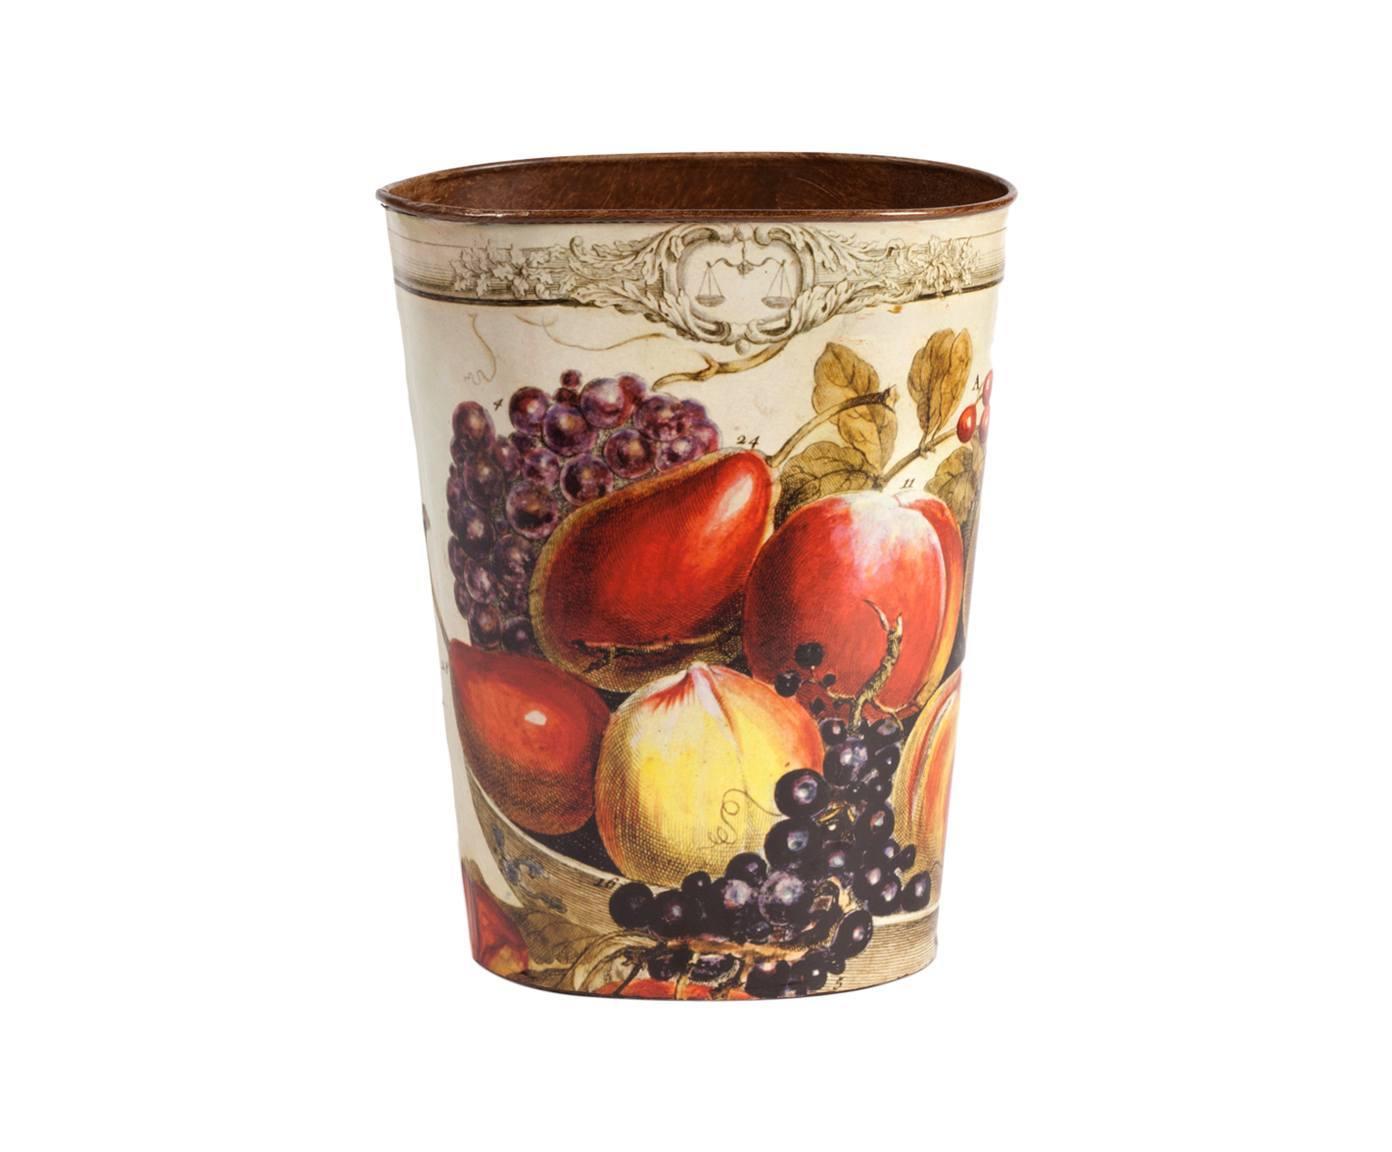 Декоративный цветочный горшок BaccaКашпо и аксессуары для цветов<br>Декоративный цветочный горшок Bacca поможет украсить ваш дом или сад и преобразить обычный комнатный цветок. Разноцветные аппетитный фрукты, украшающие аксессуар, добавят интерьеру уюта, тепла, ярких красок и роскоши. Элемент декора изготовлен из металла, а это значит, что прослужит он вам долгие годы. Горшок можно приобрести отдельно или в комплекте с изделиями той же коллекции.<br><br>Material: Металл<br>Height см: 21<br>Diameter см: 9